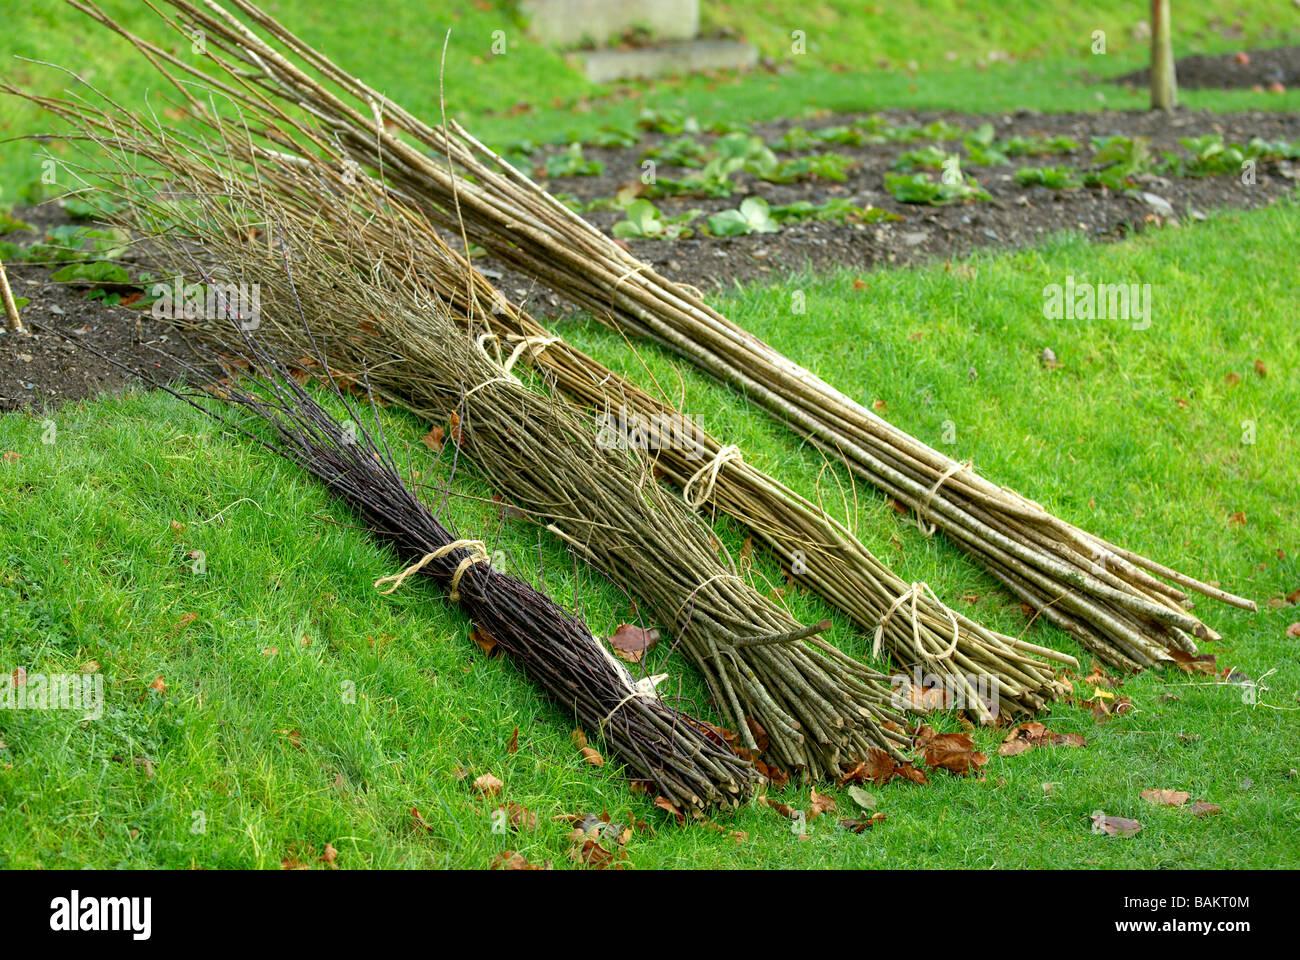 Sélection des tiges de noisetier et de saule Photo Stock